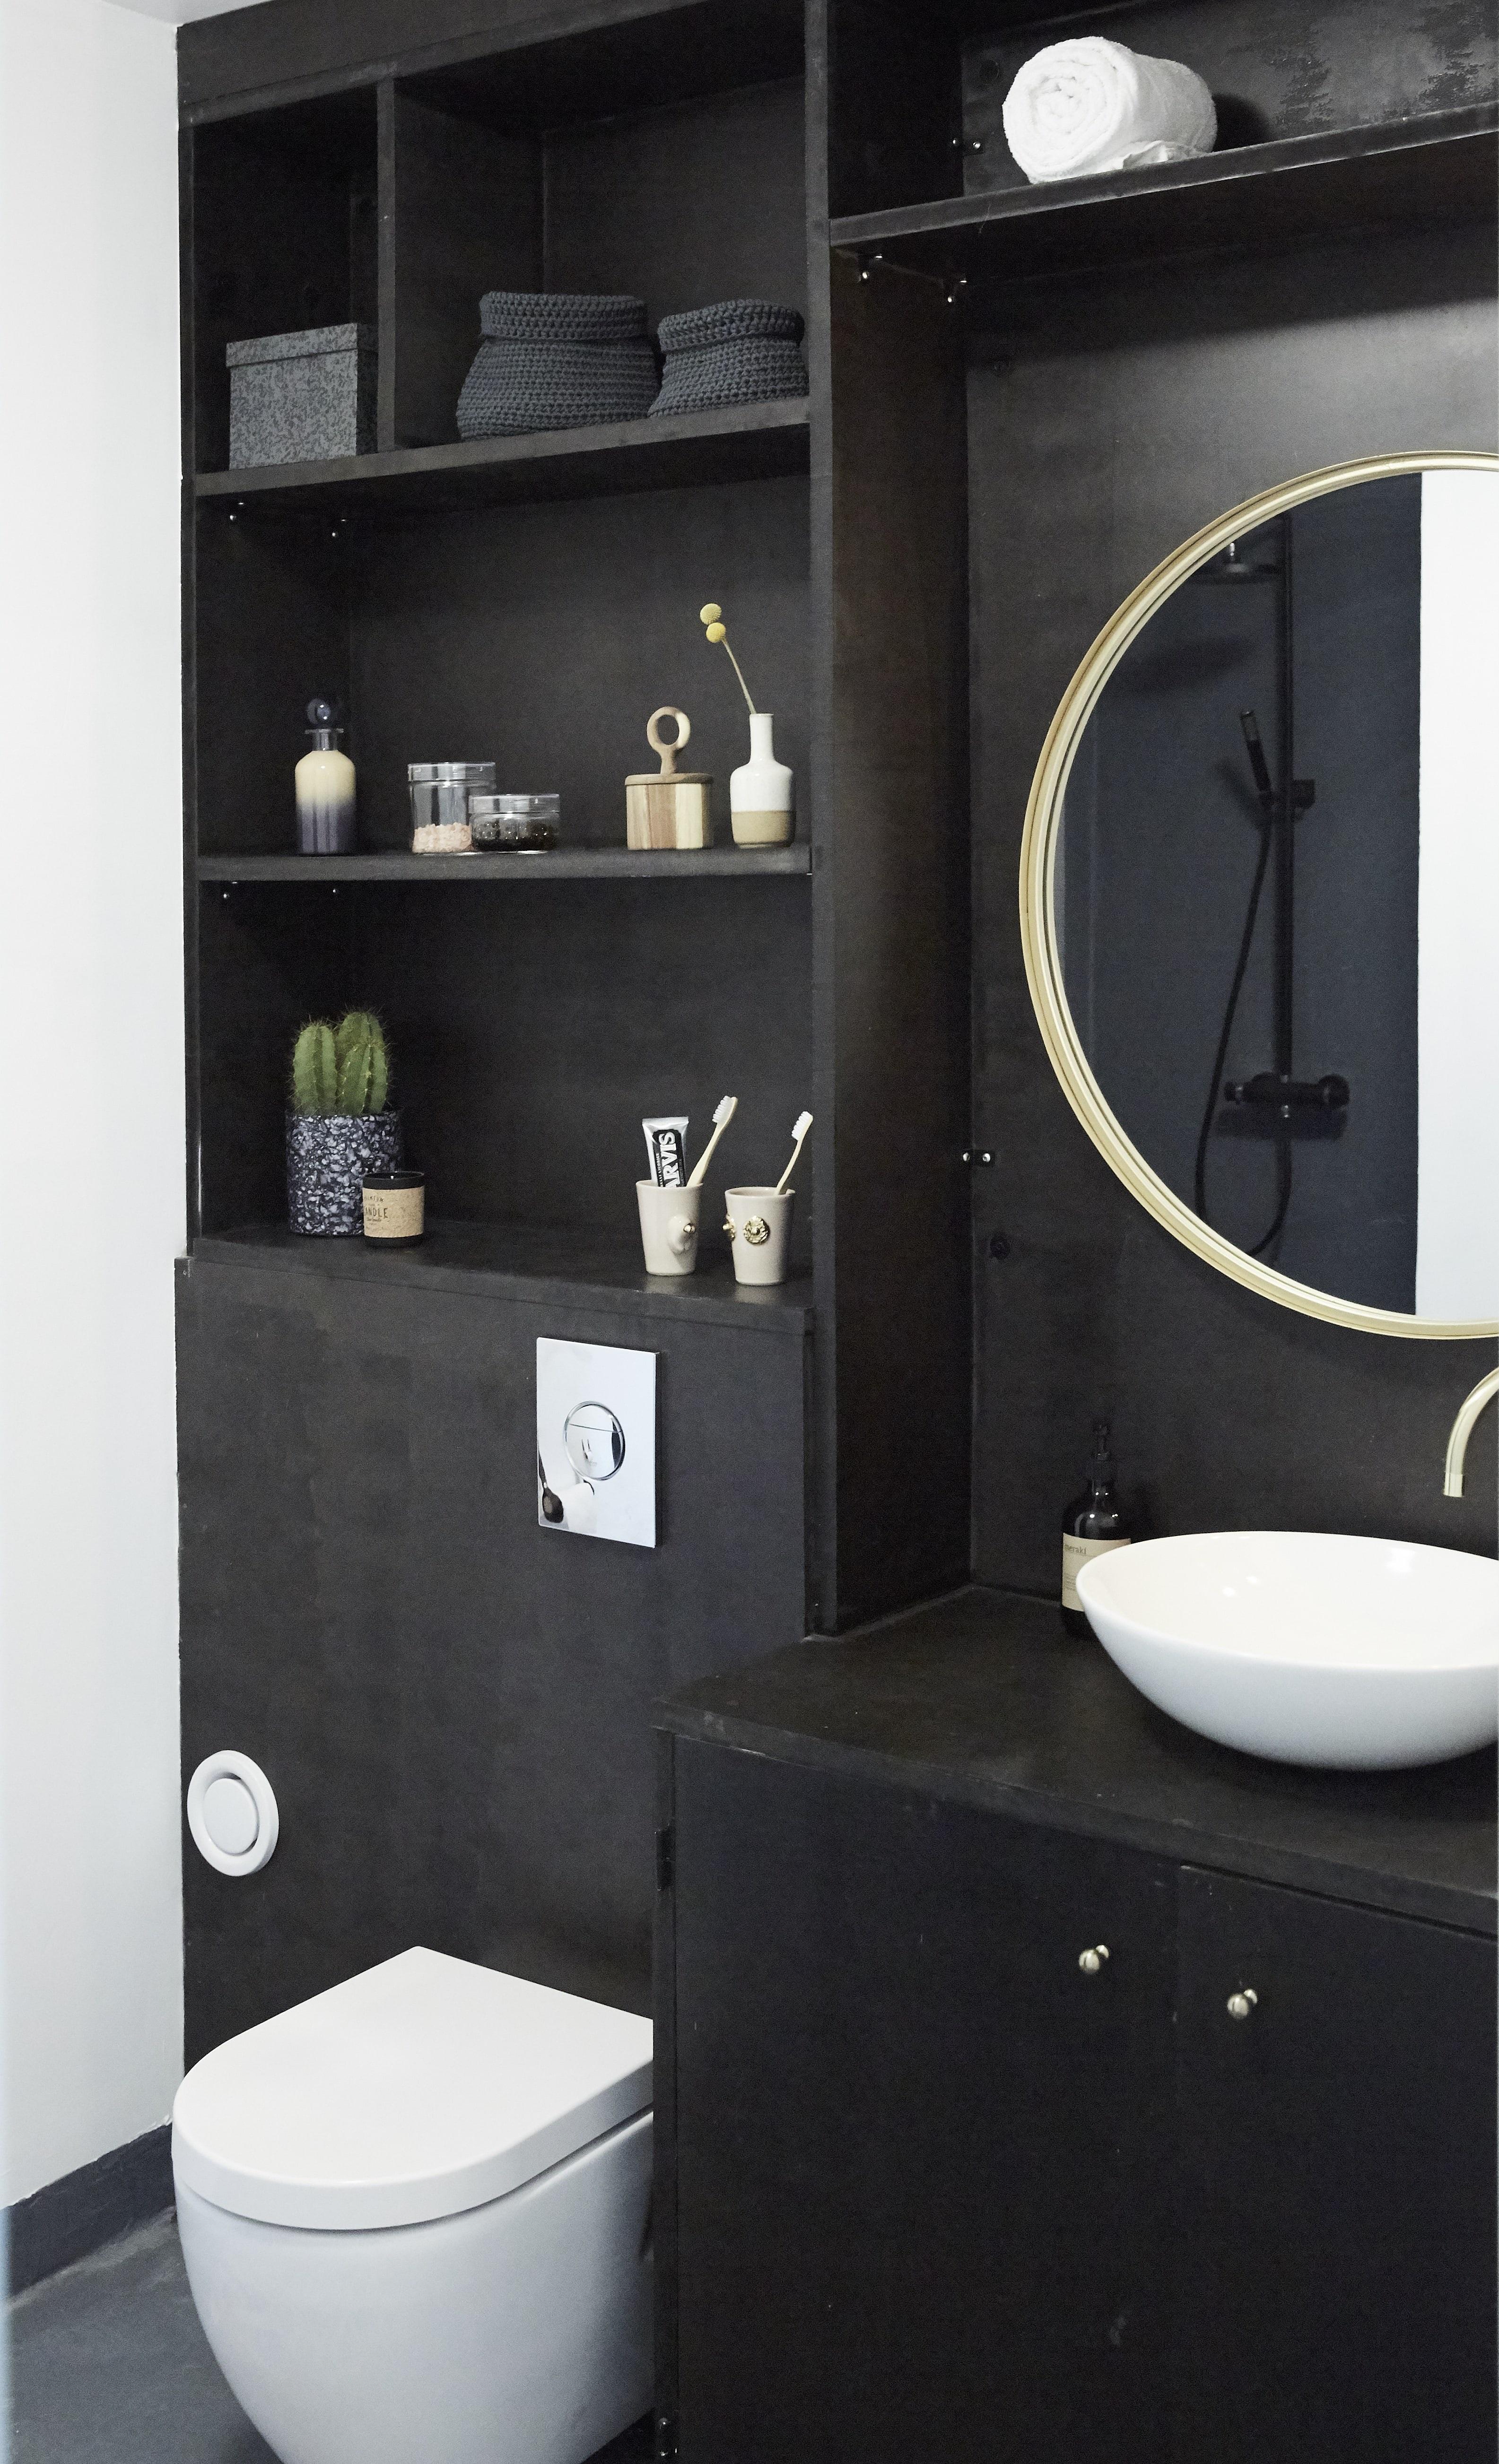 Badeværelsesmøbel i sorte MDF-plader